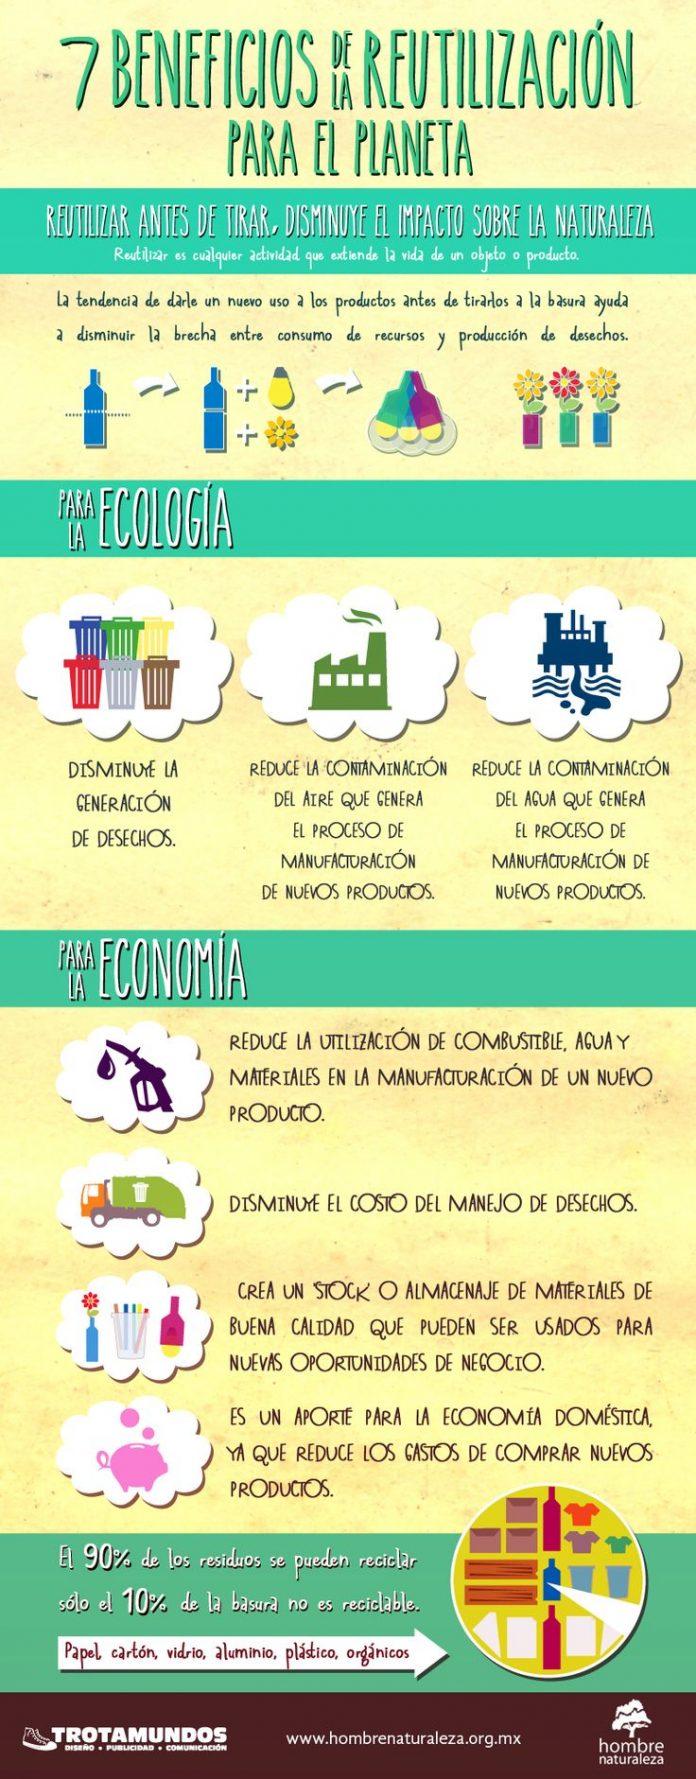 infografia beneficios de reutilizar